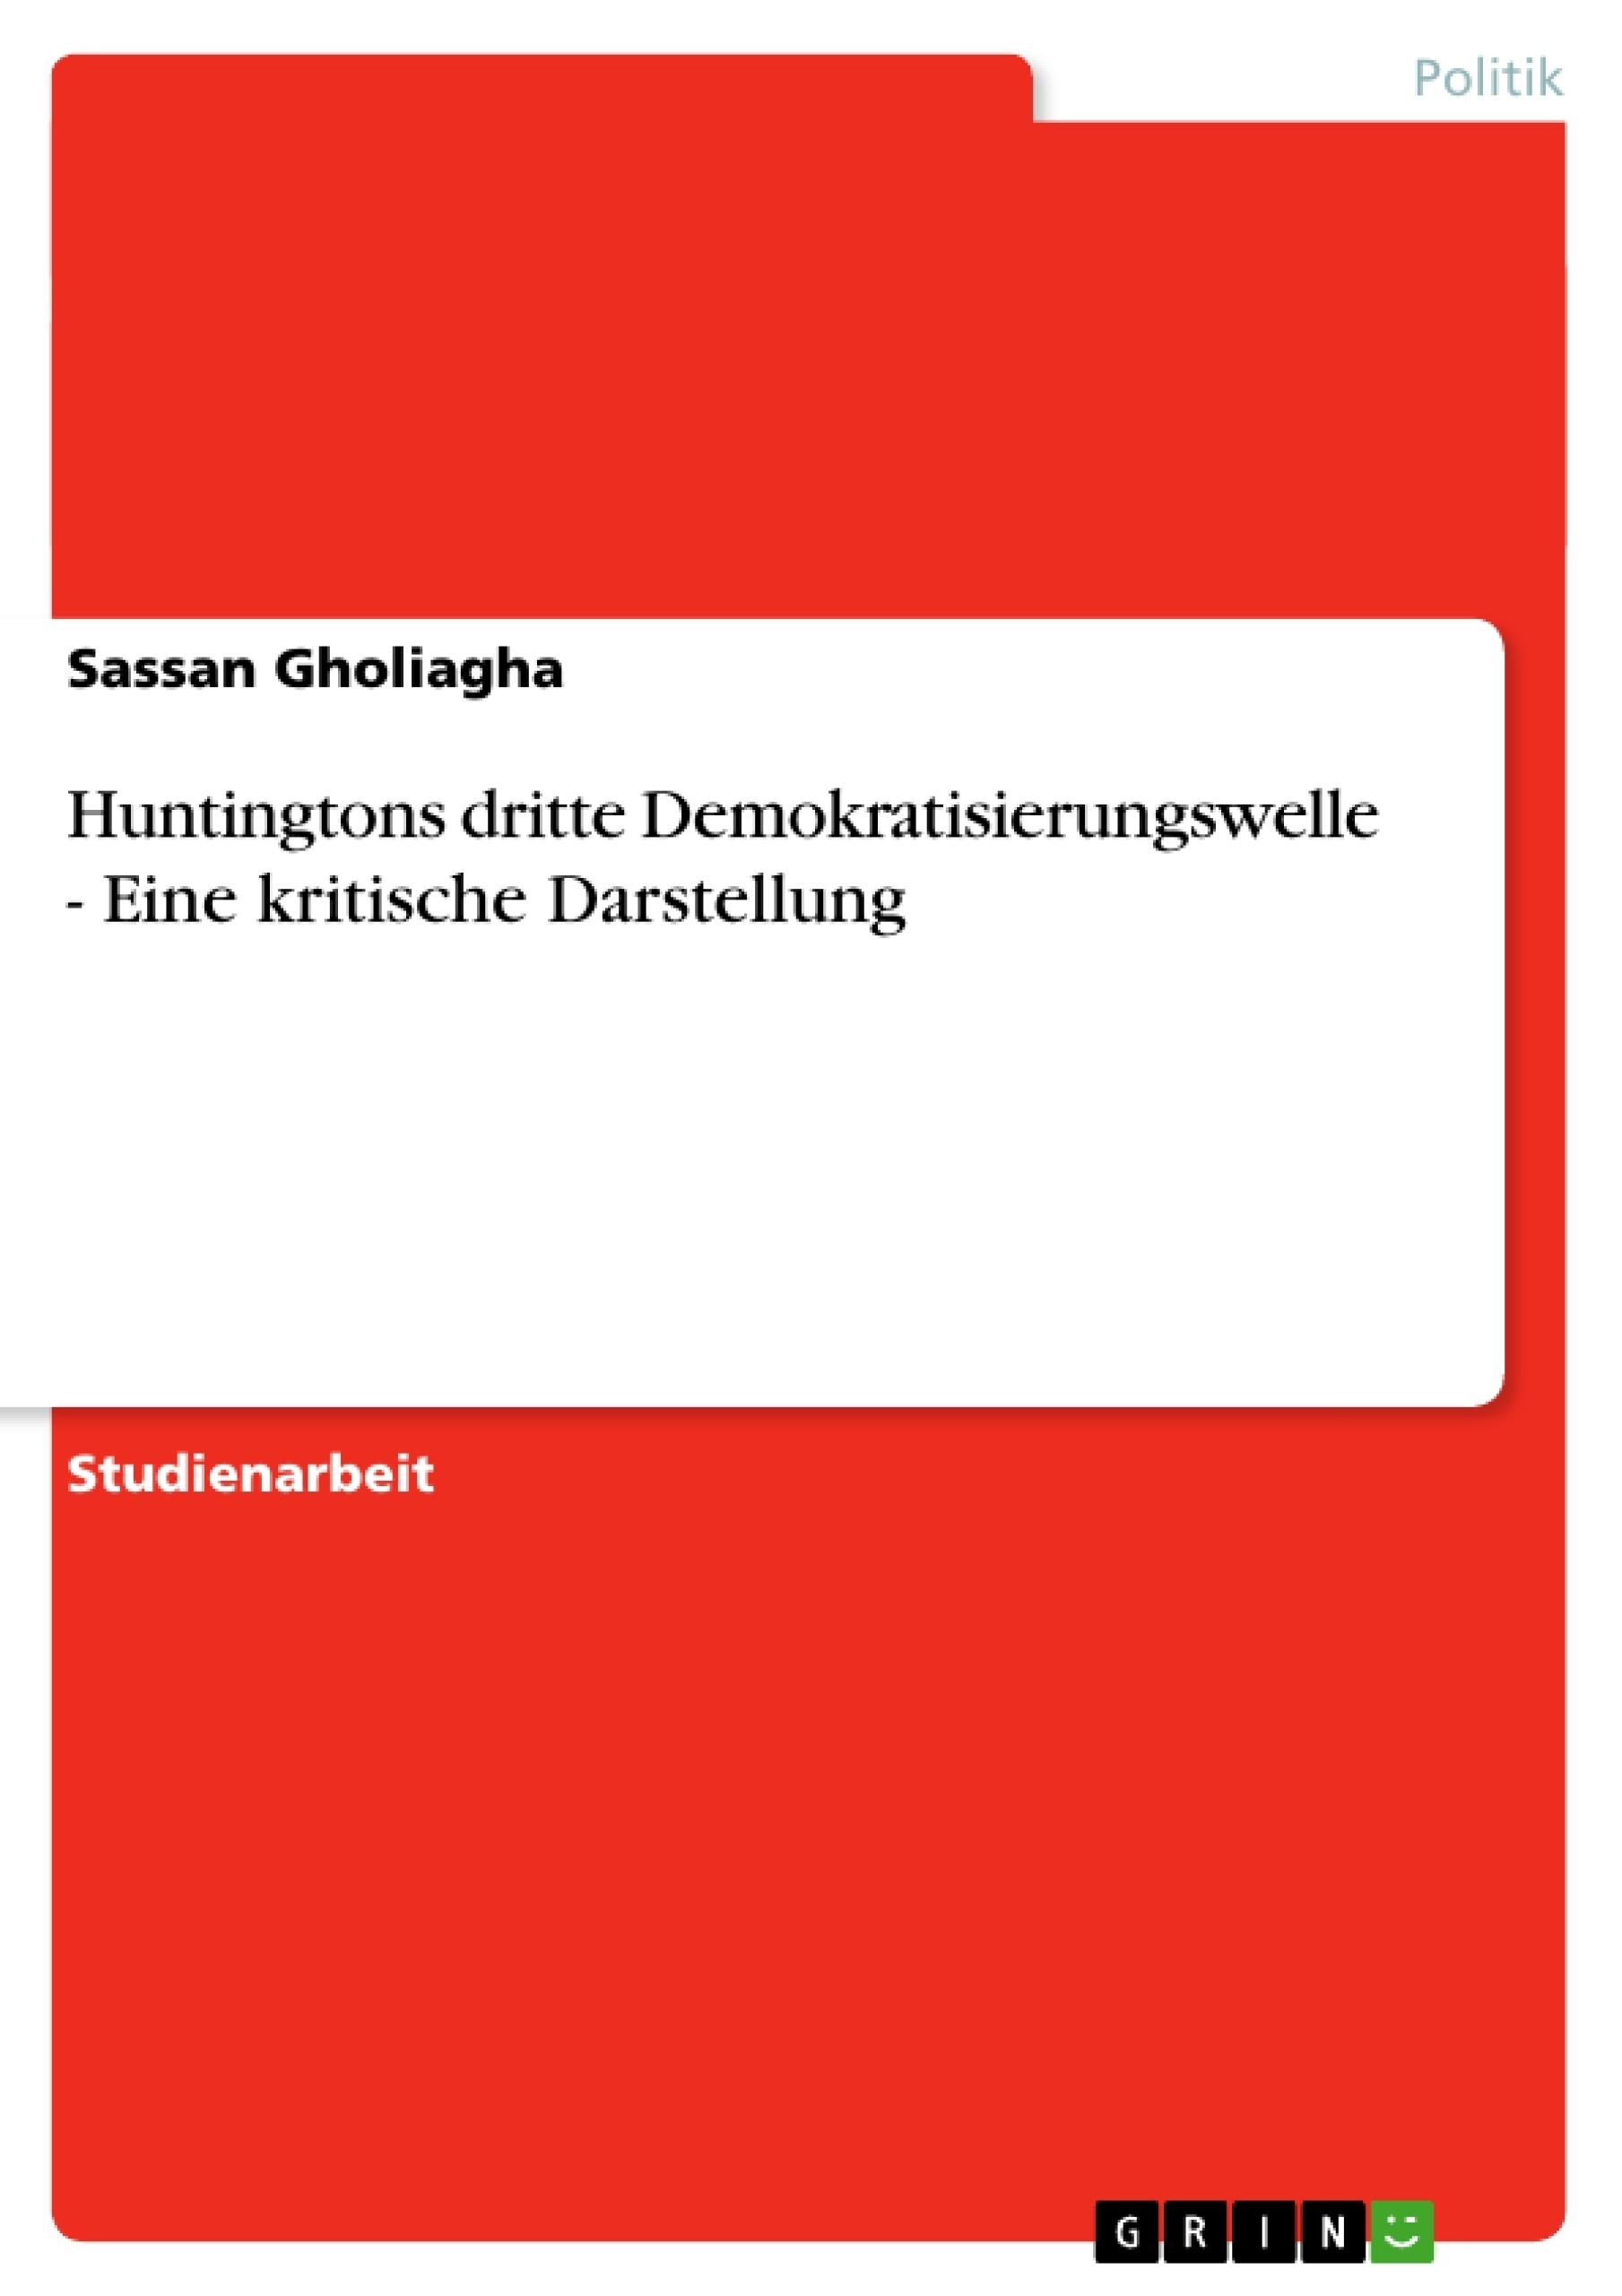 Titel: Huntingtons dritte Demokratisierungswelle - Eine kritische Darstellung